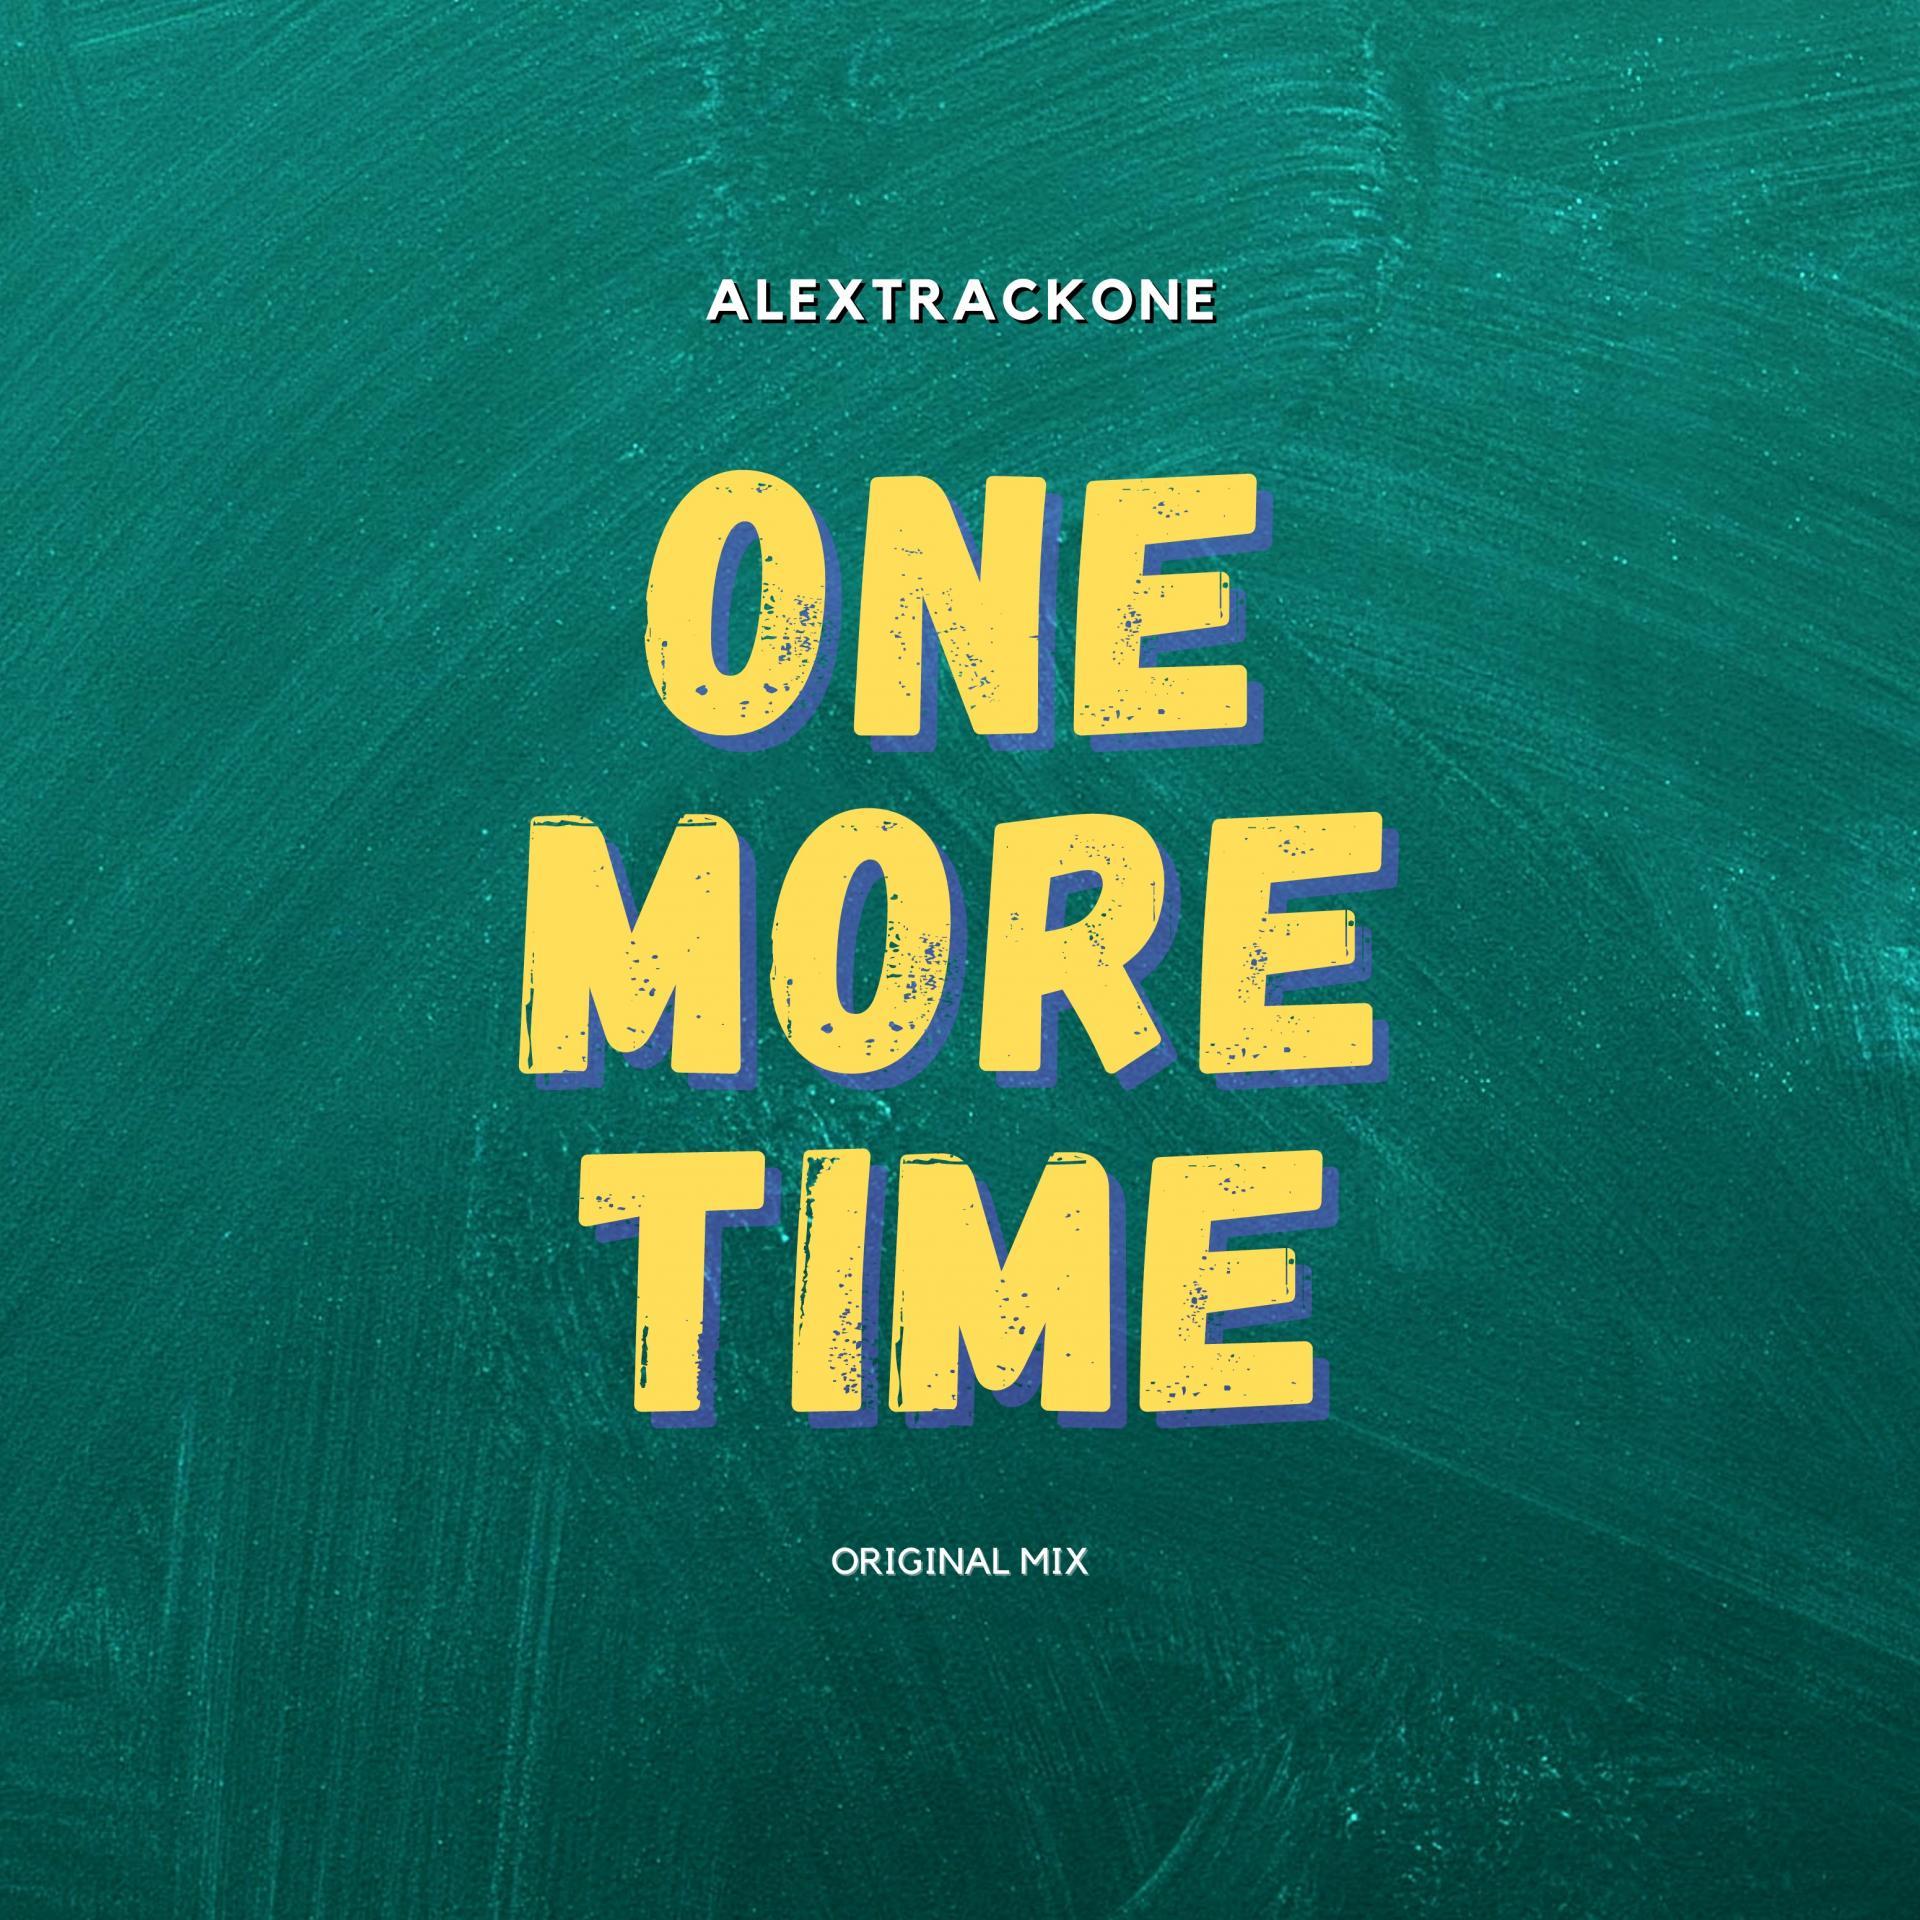 ONE MORE TIME -ORIGINAL MIX-